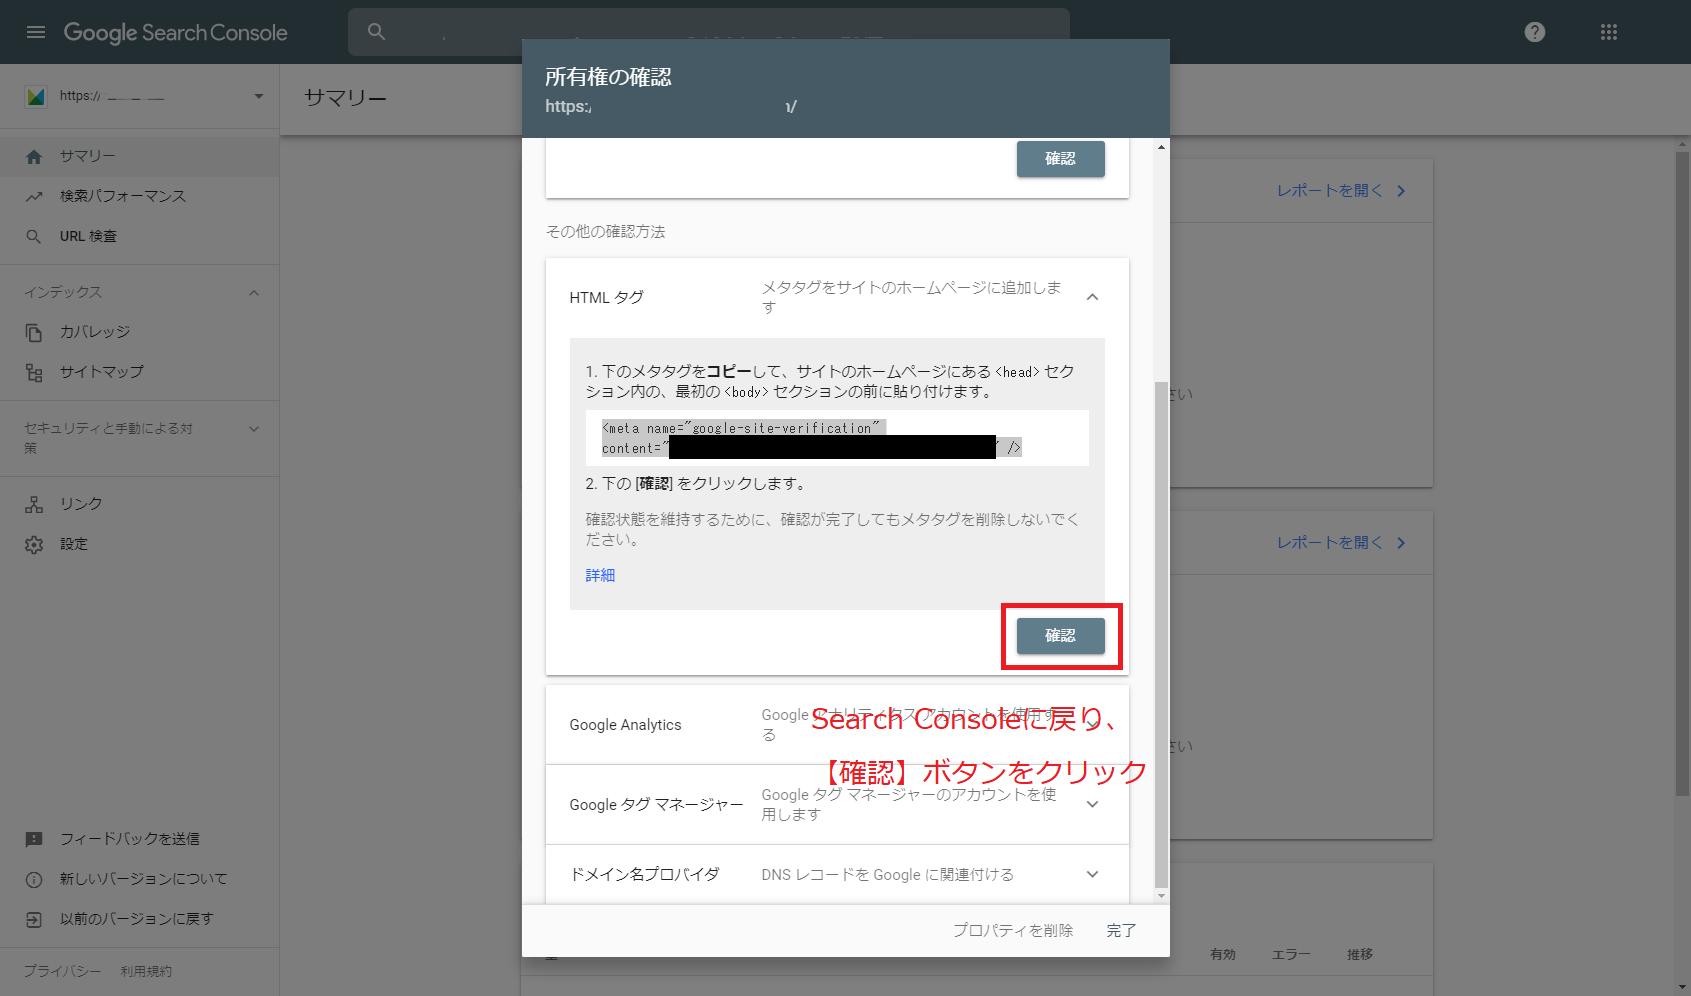 管理者ページにMetaタグを追加完了しましたら、この画面で【確認】をクリックします。